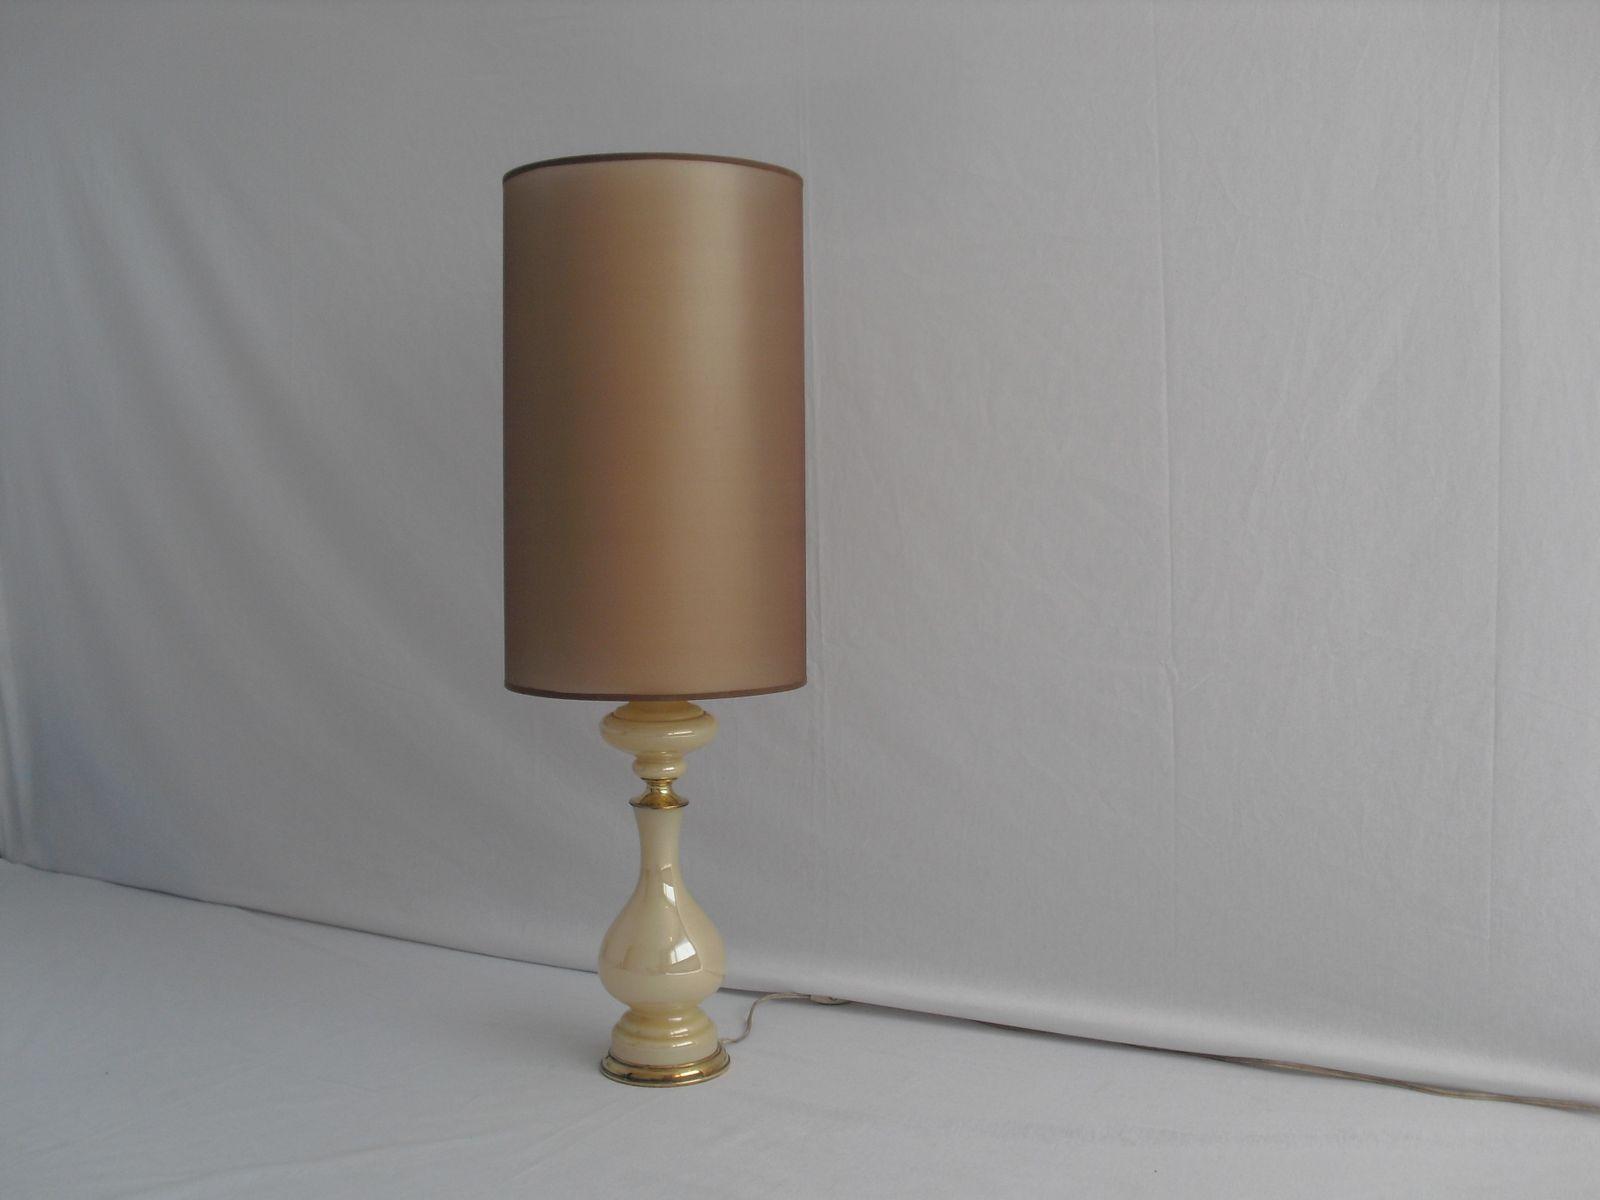 vintage glas tischlampe mit messing verzierungen bei. Black Bedroom Furniture Sets. Home Design Ideas